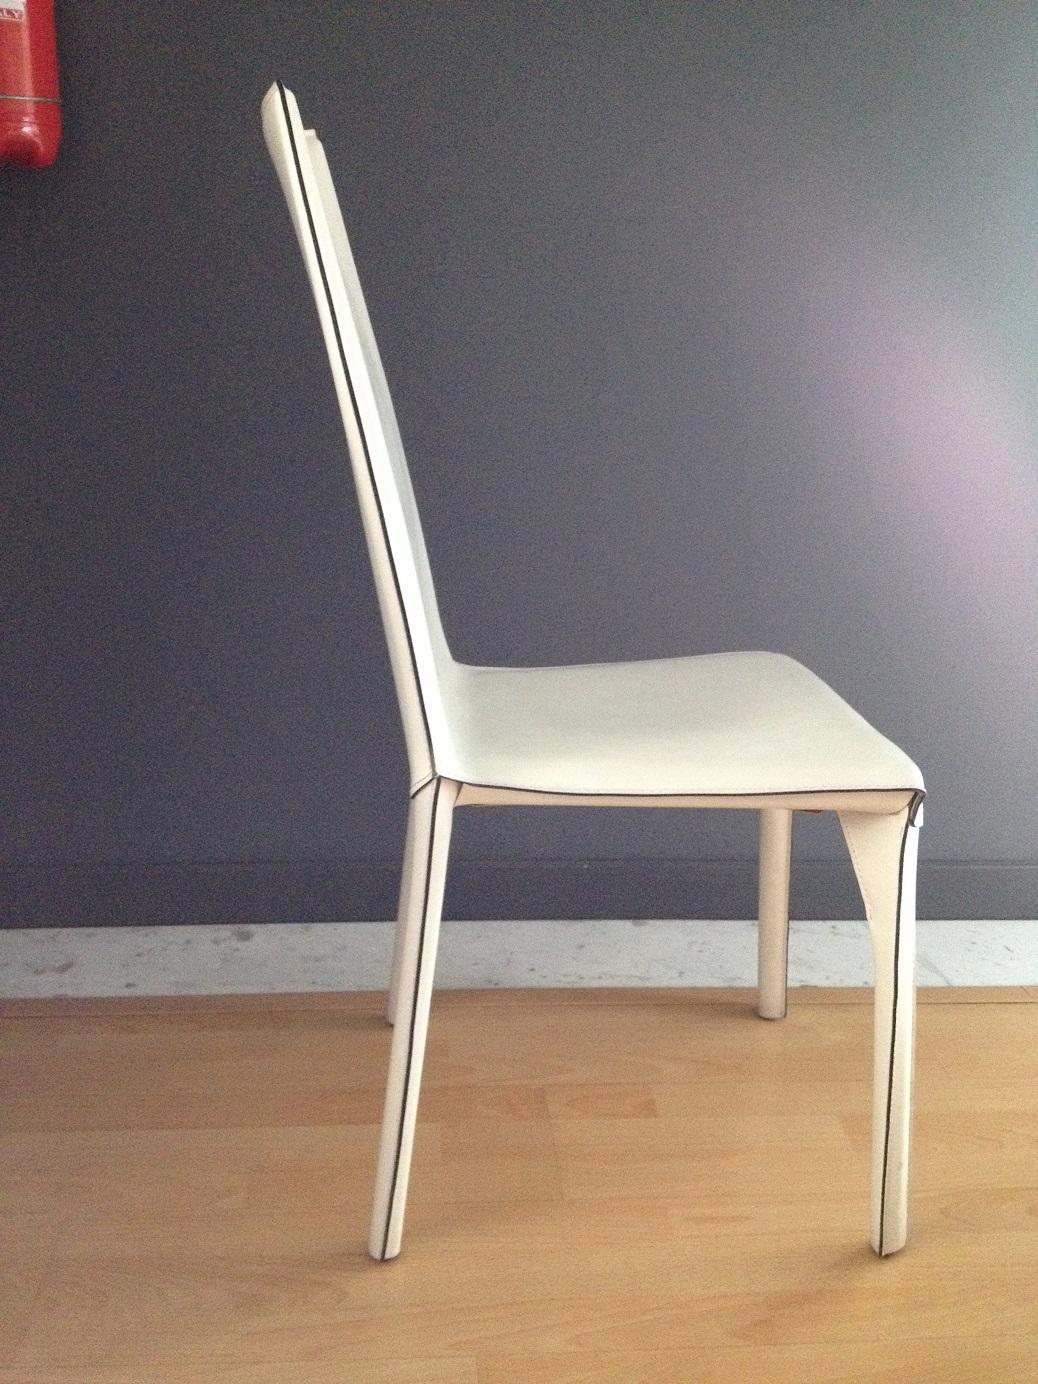 Sedie moderne ozzio scontate del 50 sedie a prezzi scontati for Offerte sedie moderne